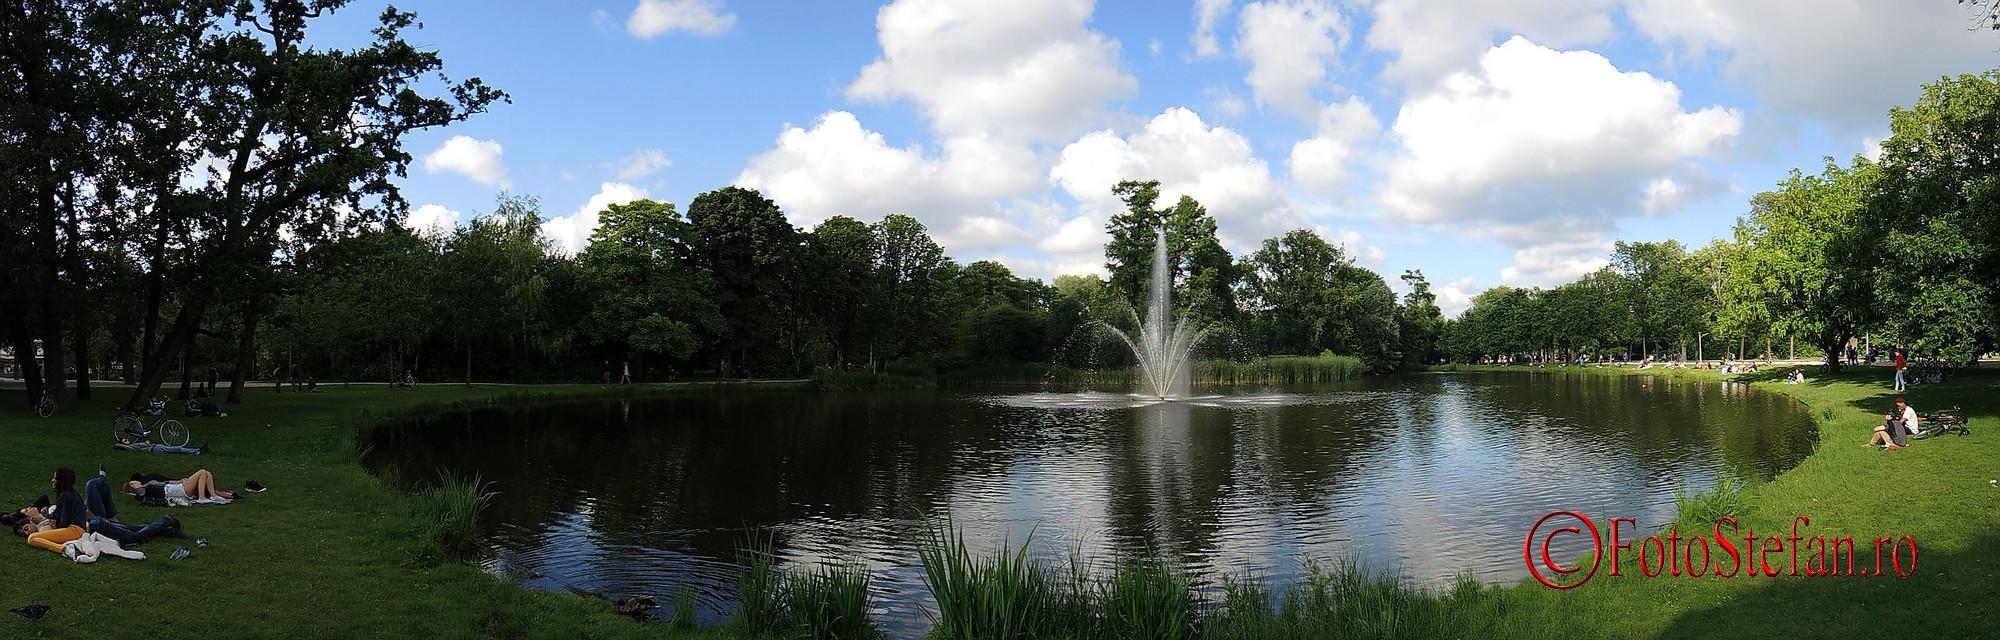 poza panoramica parcul Vondel